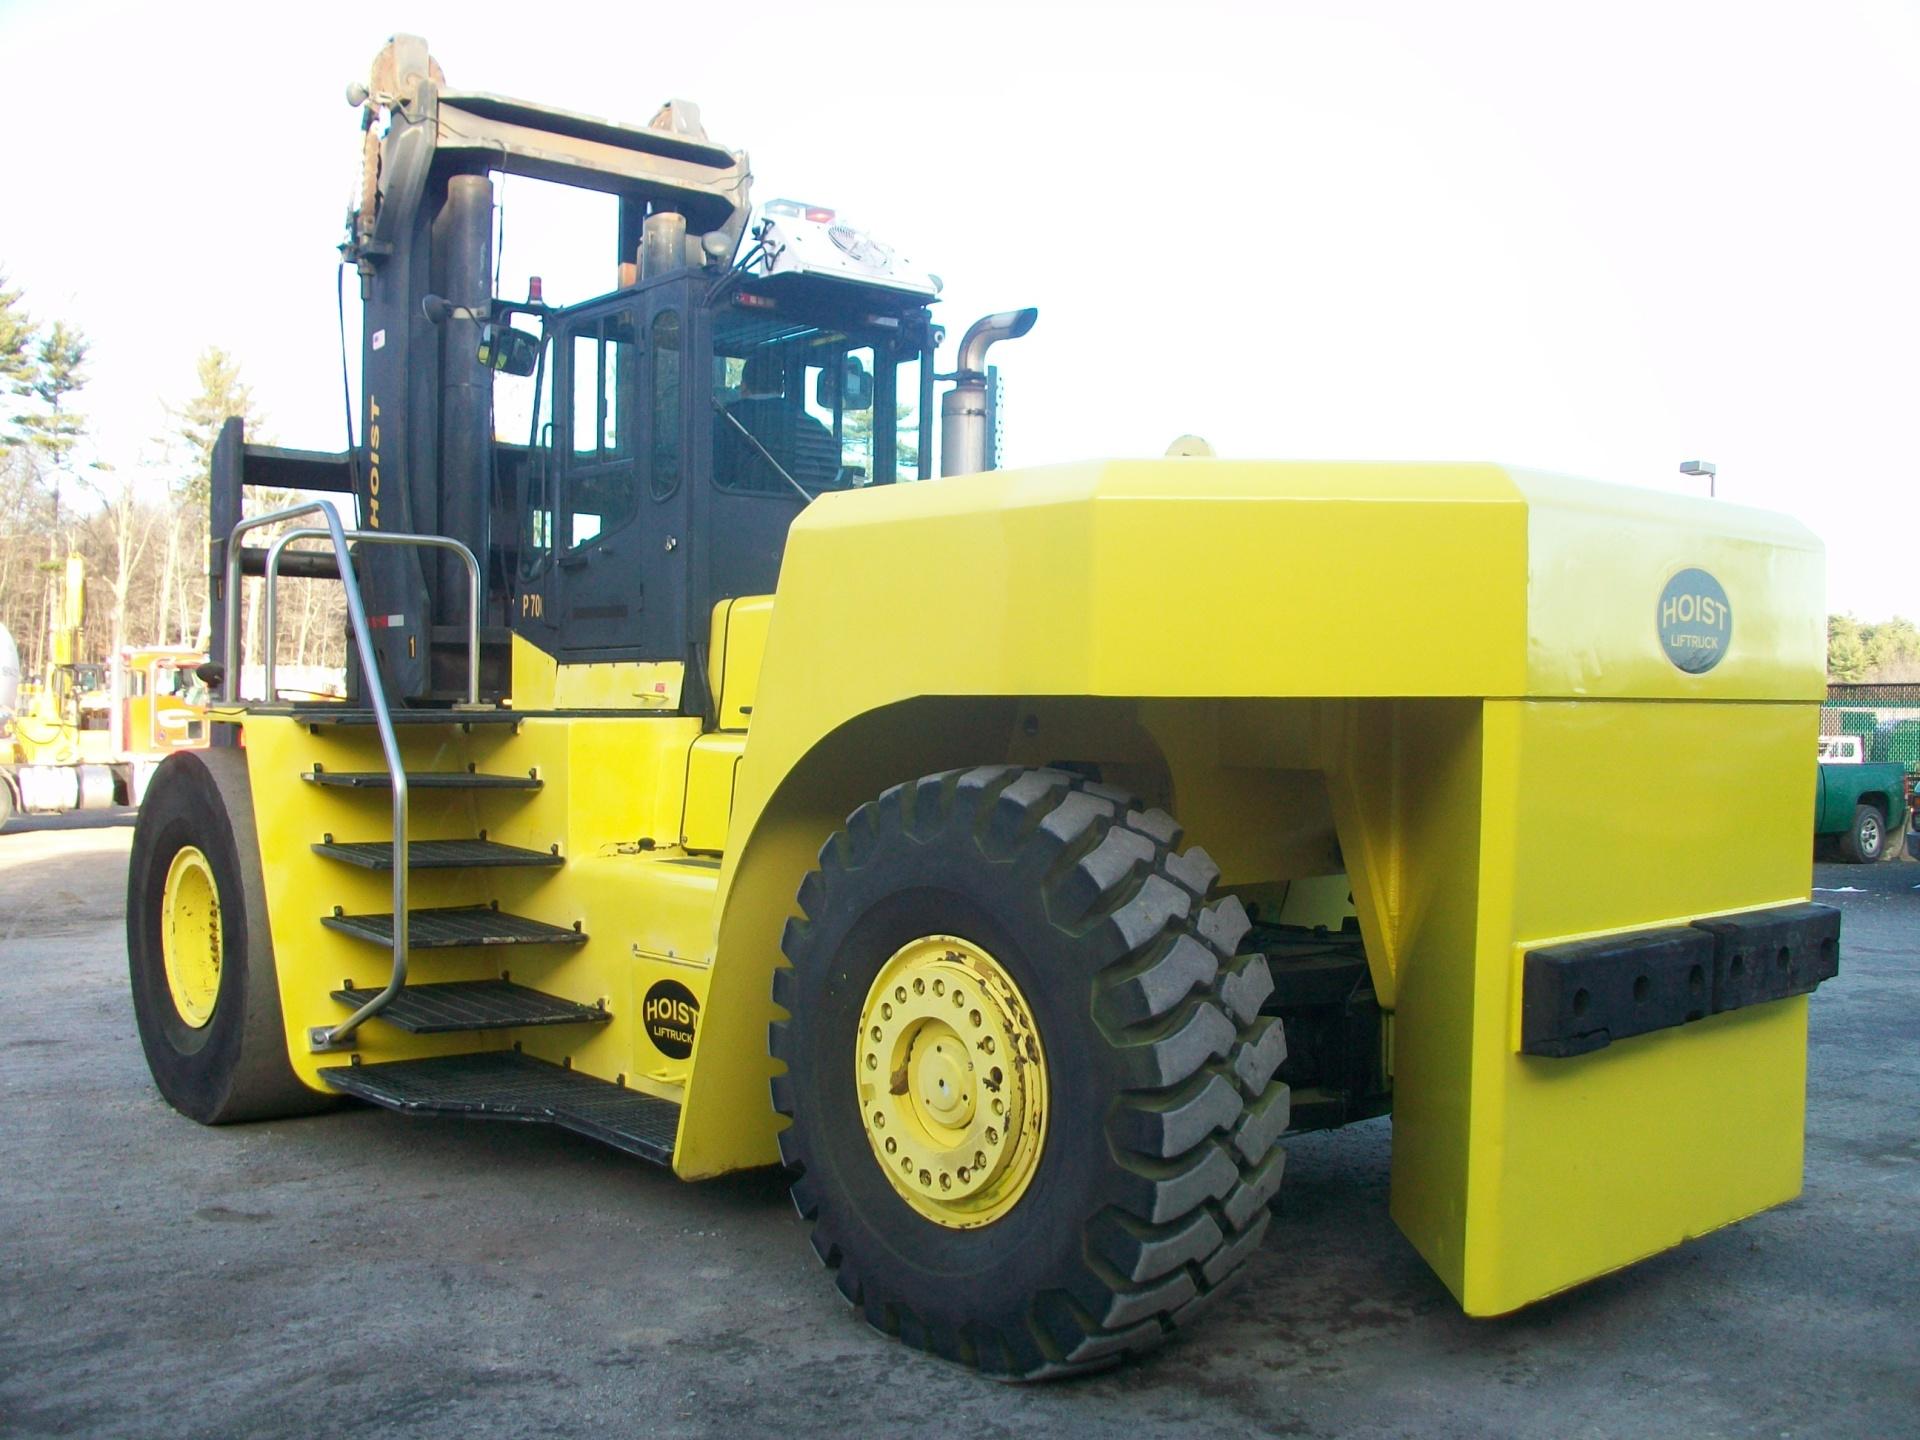 2008 Hoist P700, Forklift, 2,600 hours, $240,000